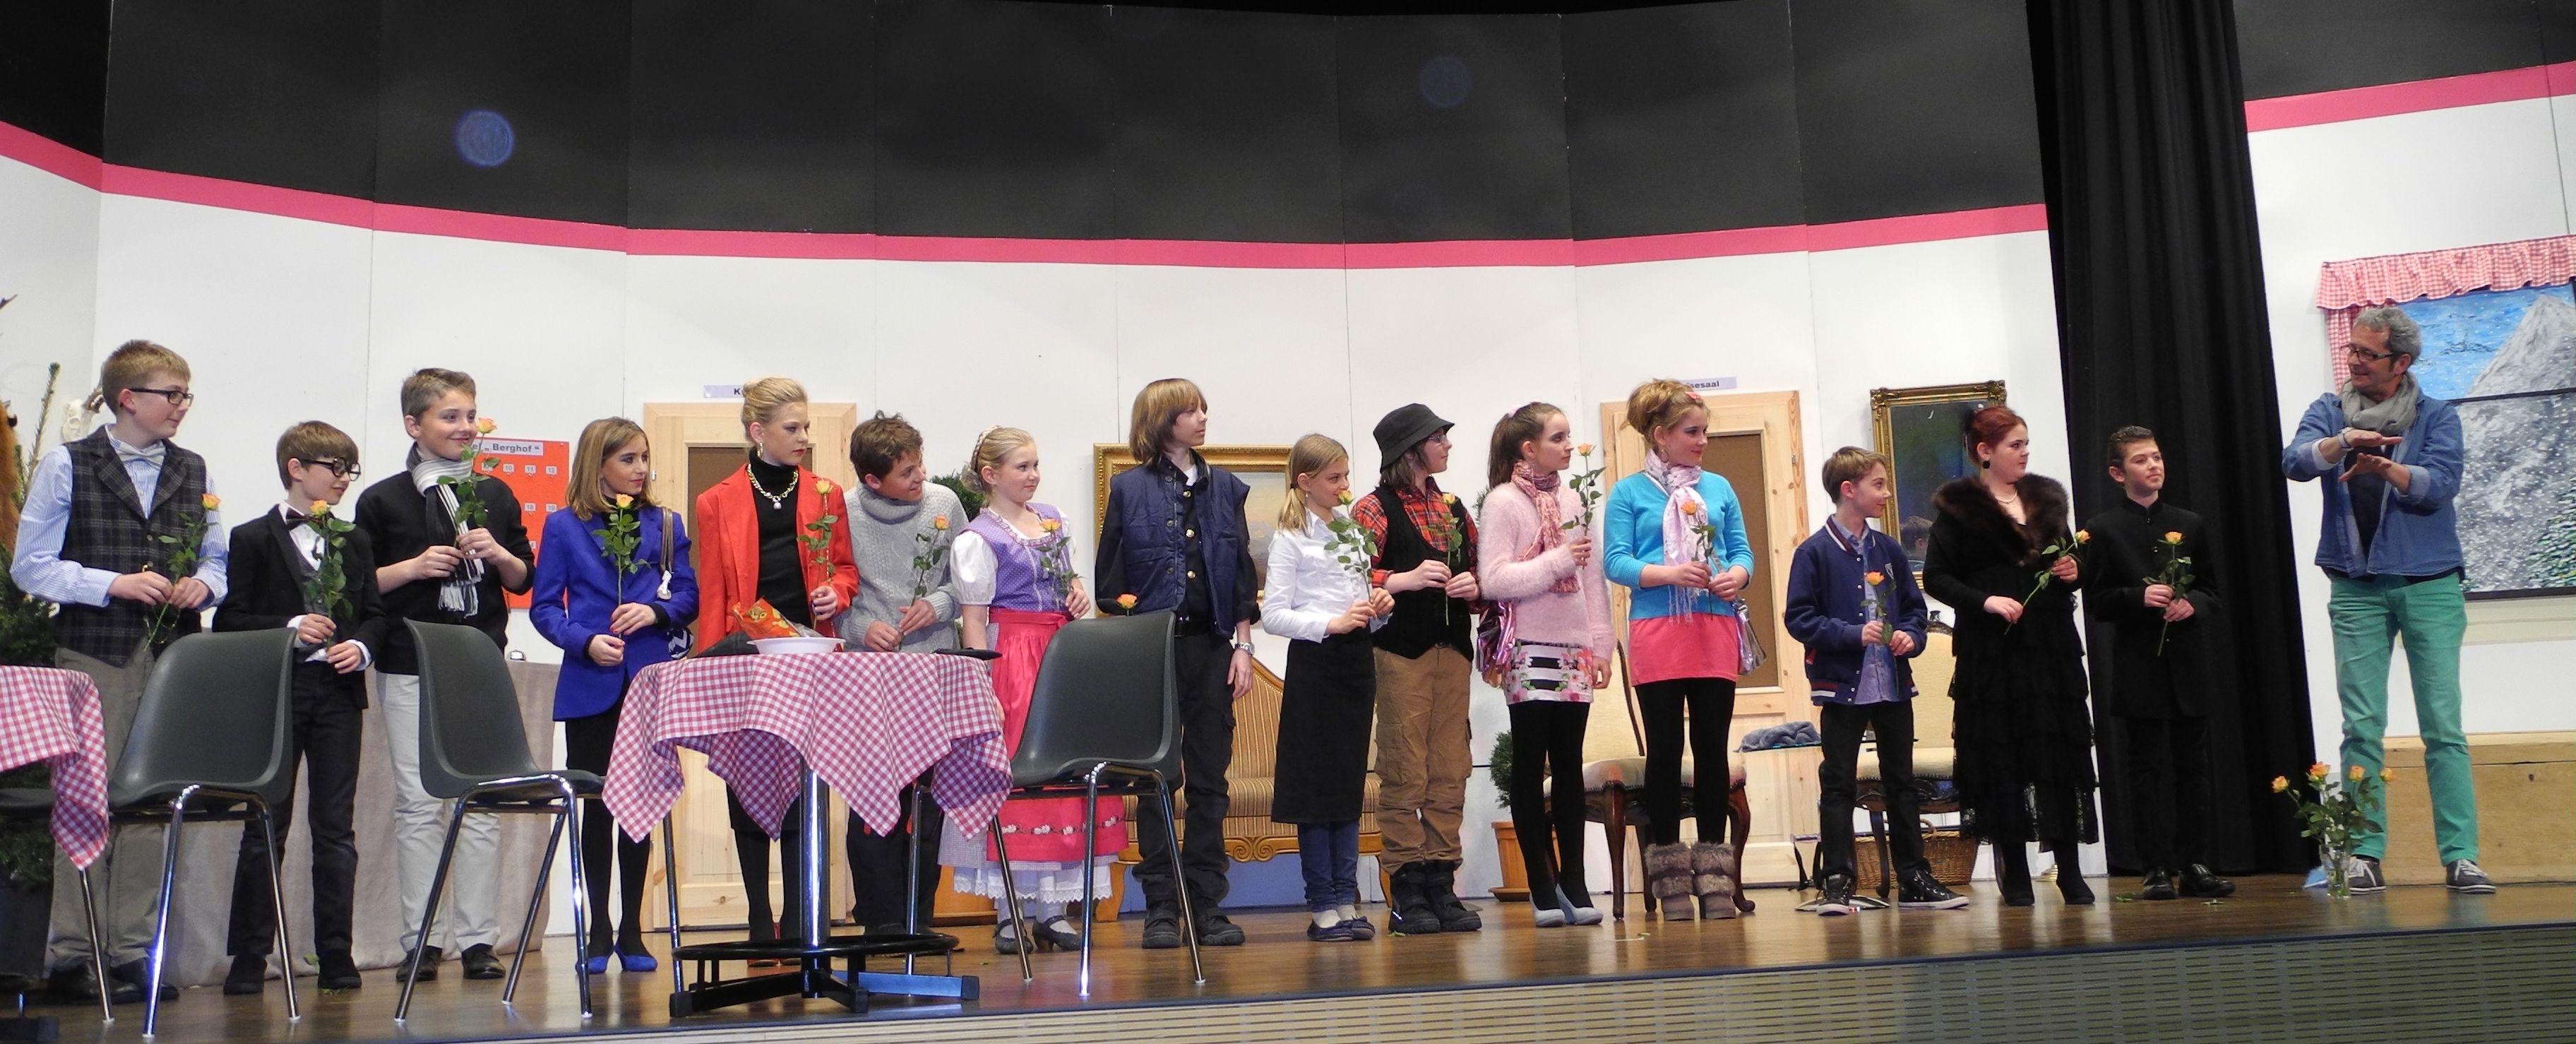 Erfolgreiche Jungdarstellerinnen und - darsteller in Salenstein. (Bild: zvg)